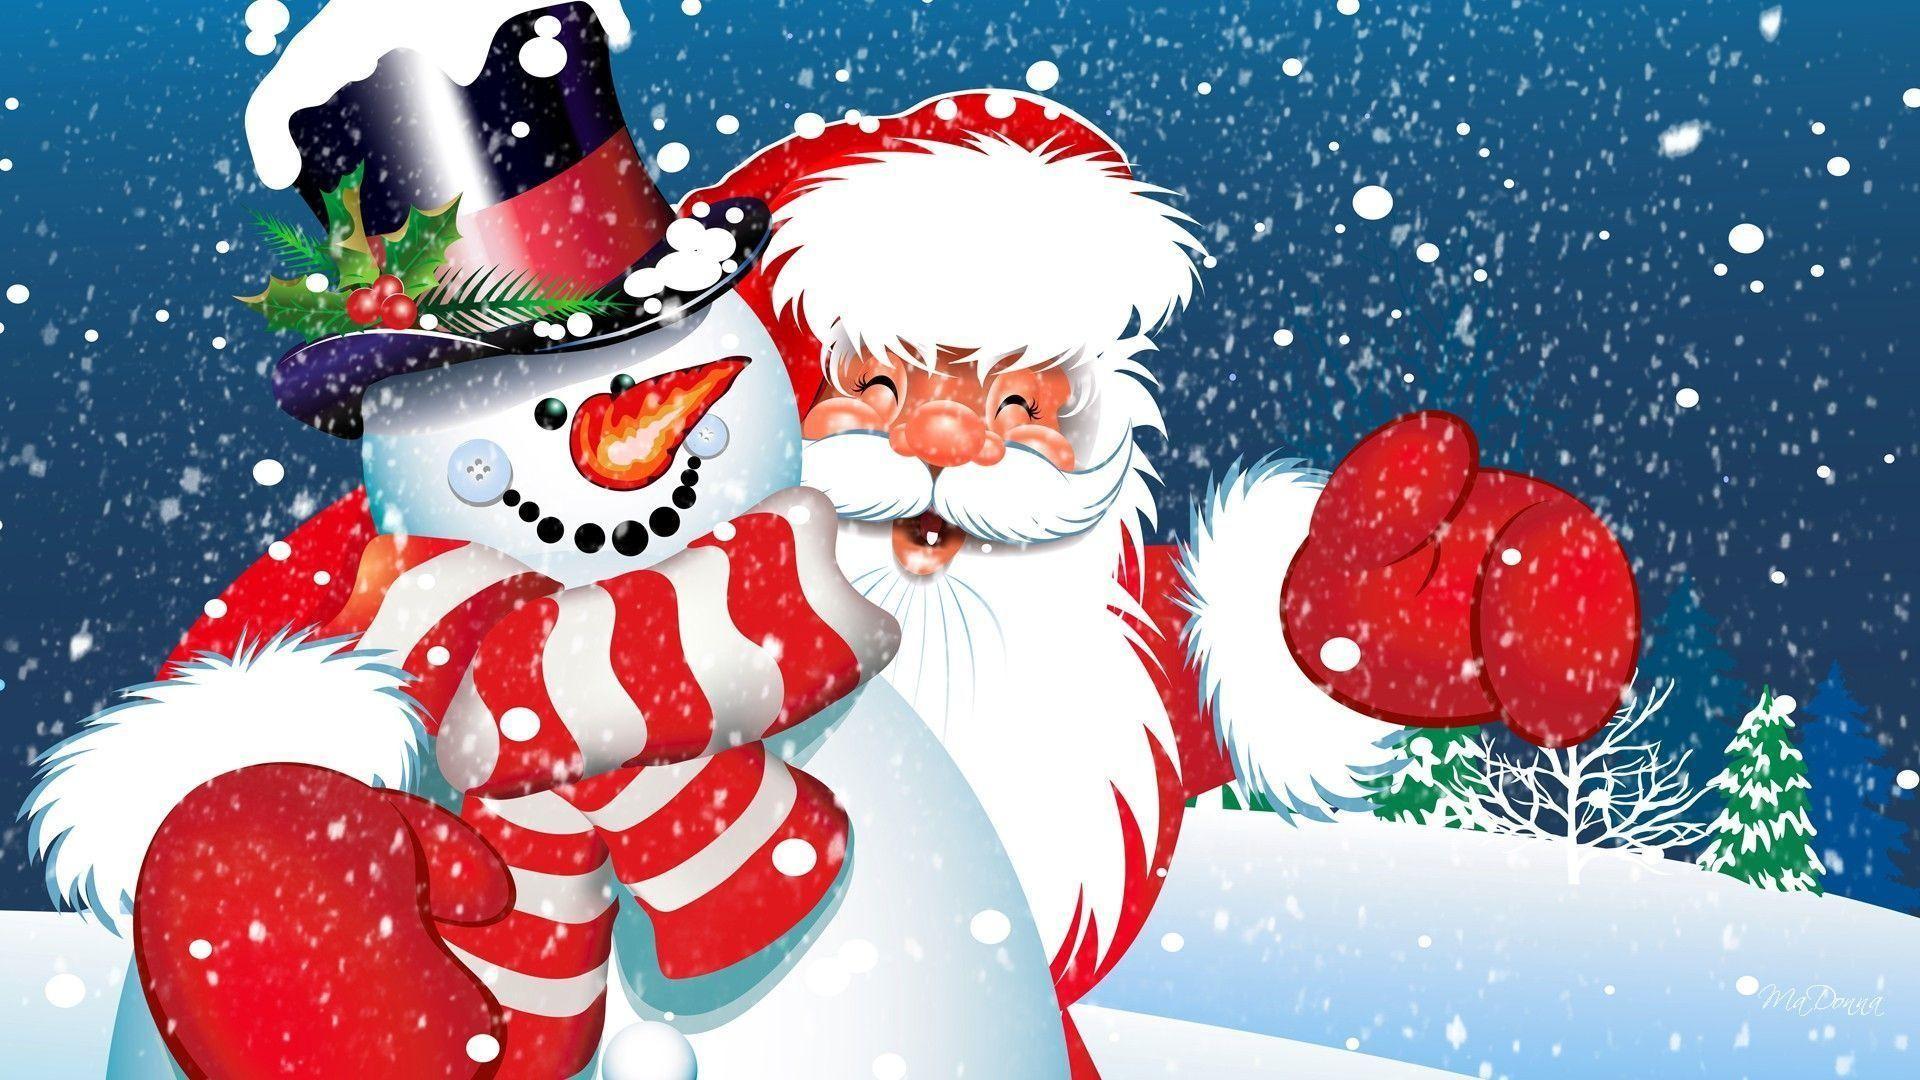 snowman desktop backgrounds (55+ images)